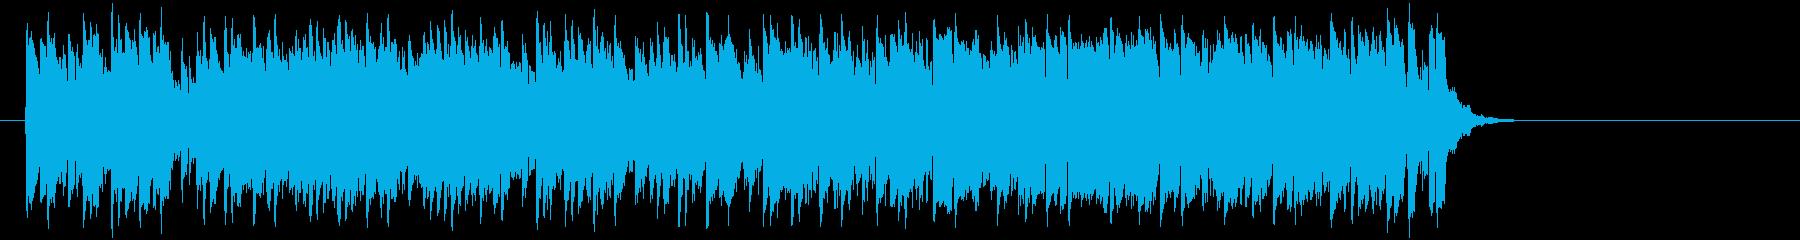 推進力ある元気なポップ(サビ~イント…)の再生済みの波形